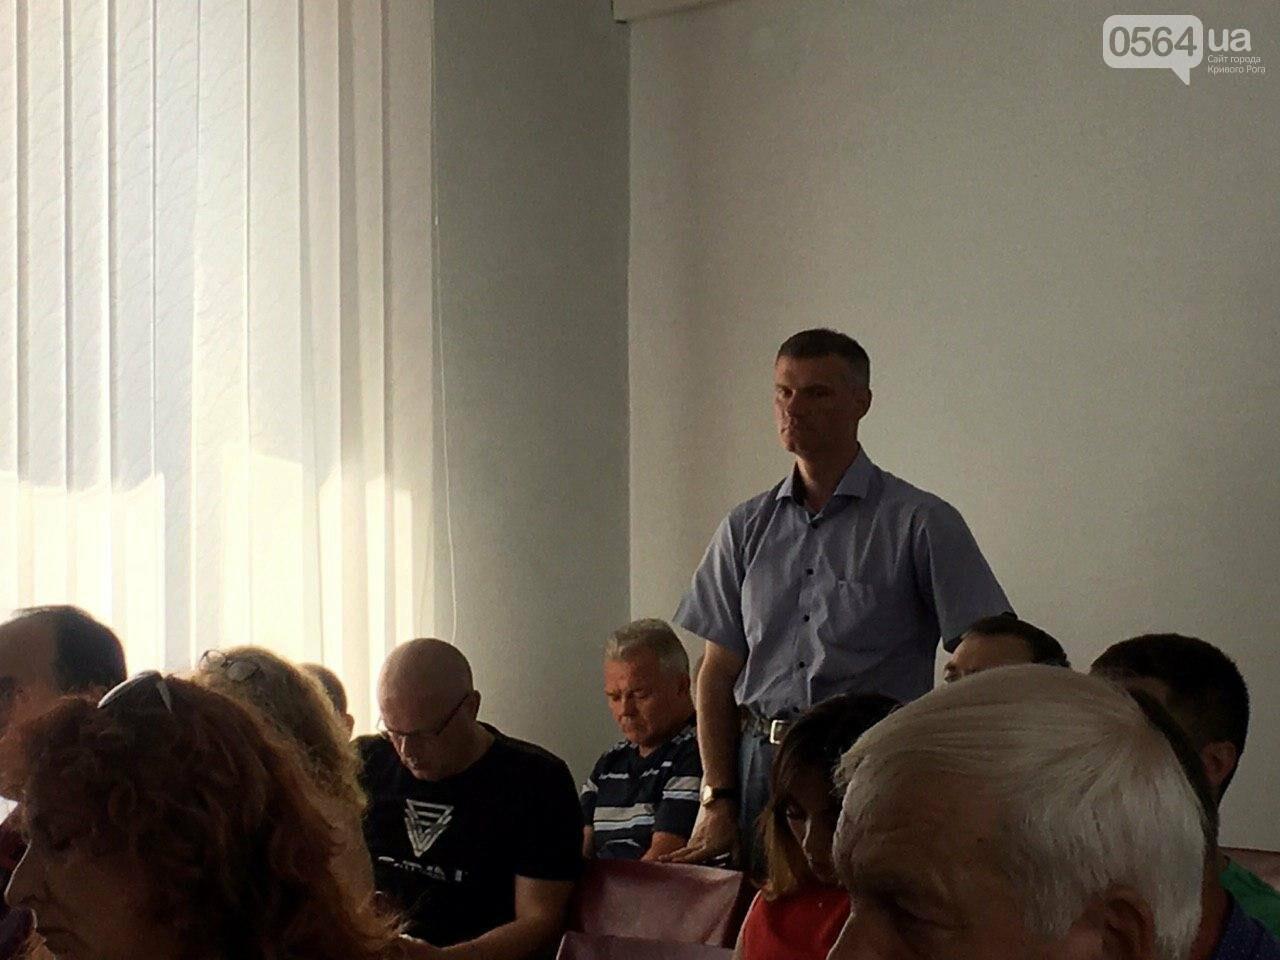 Криворожское КП пытается подготовится к отопительному сезону, несмотря на долг в полмиллиарда, - ФОТО , фото-63